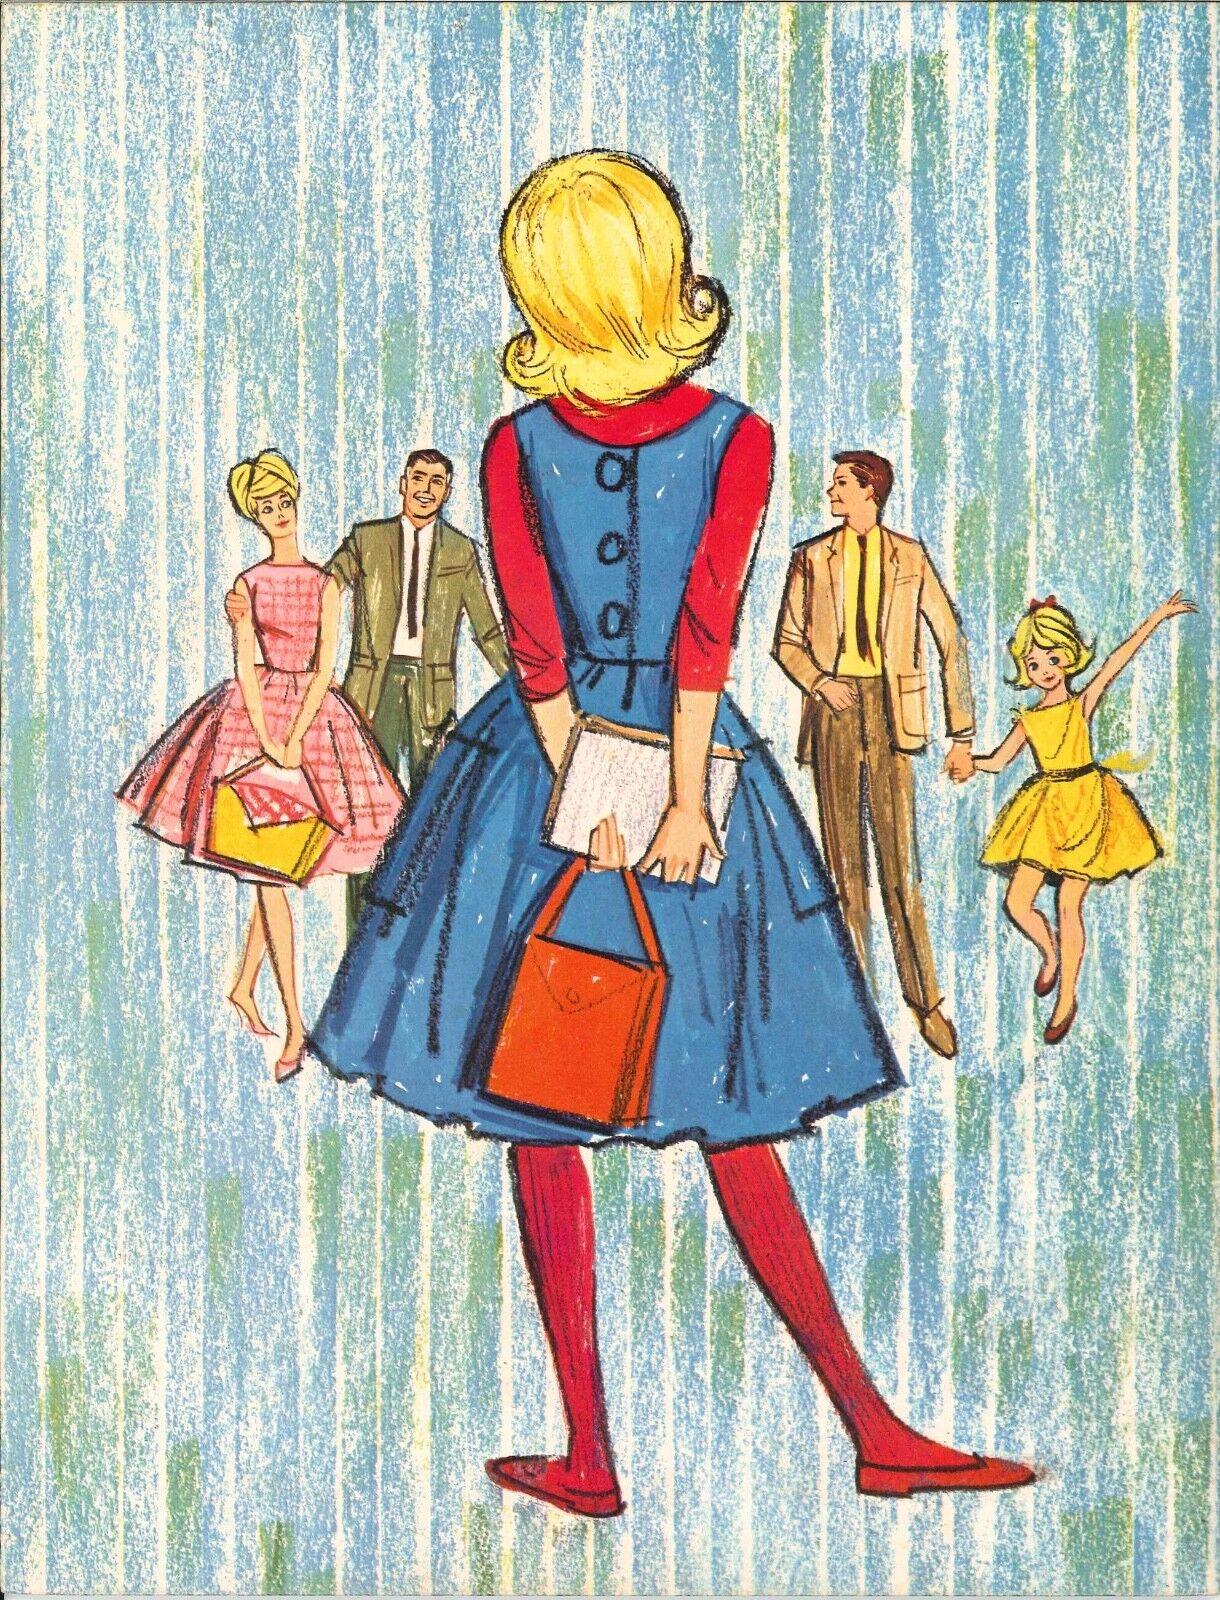 VINTAGE UNCUT ORIGINAL SIZE 1963 BRUNETTE BARBIE PAPER DOLLS~#1 REPRO~NOSTALGIC!